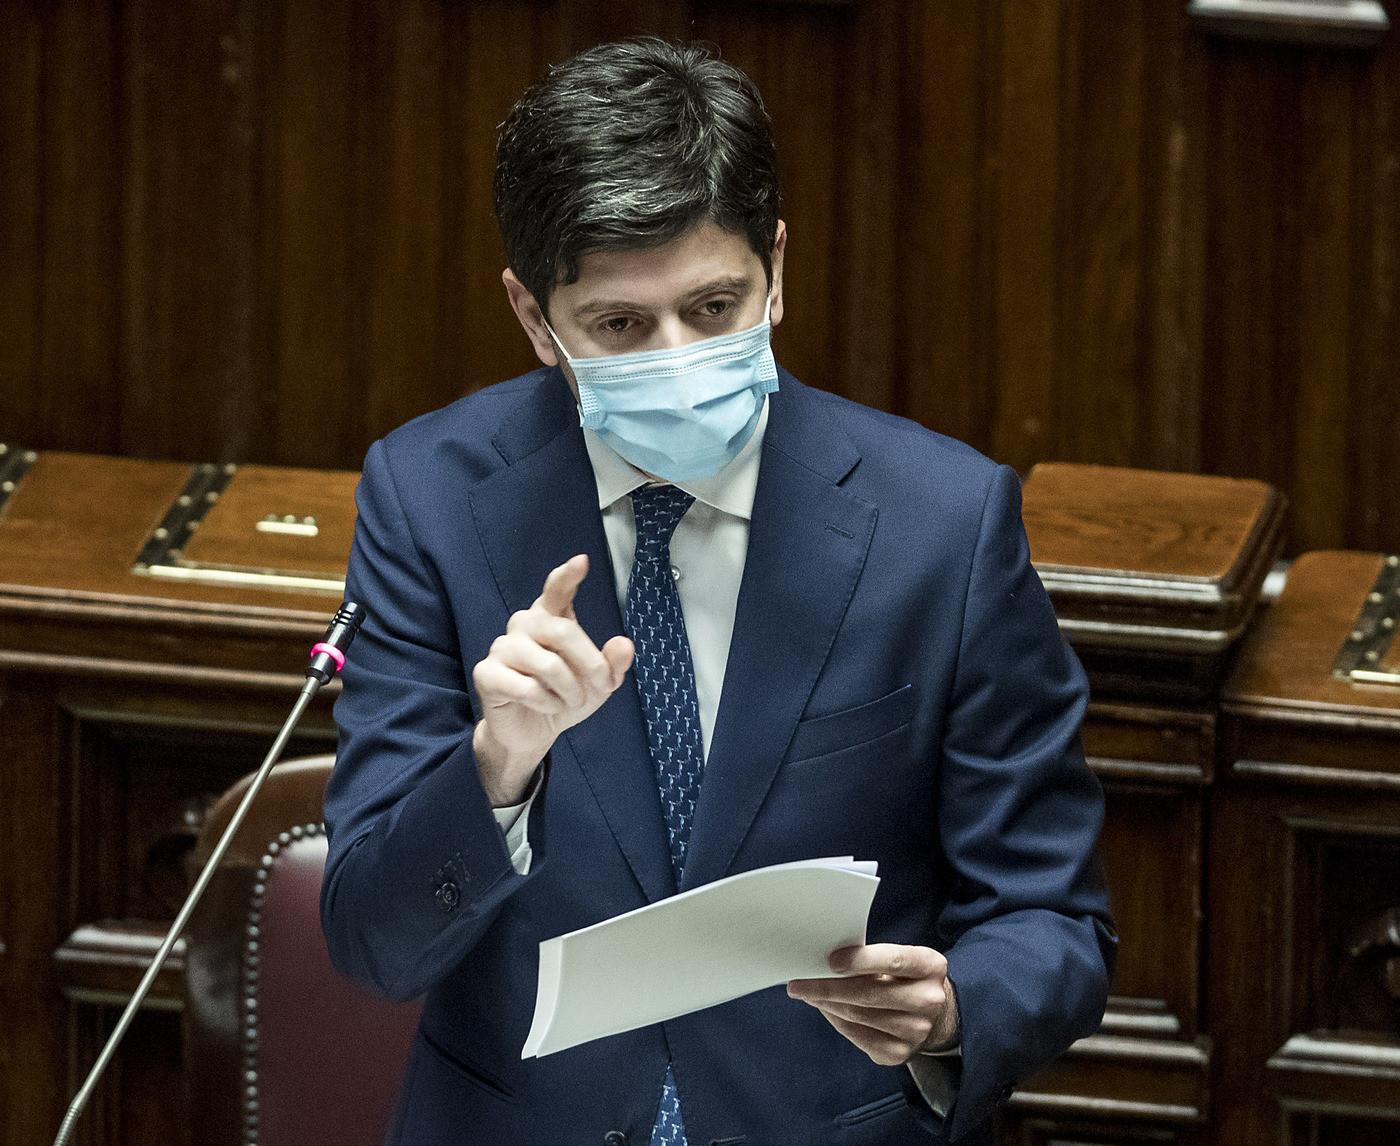 Nuovo Dpcm, il ministro Speranza conferma la stretta: vietato spostarsi anche in zona gialla, no all'asporto dopo 18, ma via libera alla riapertura dei musei